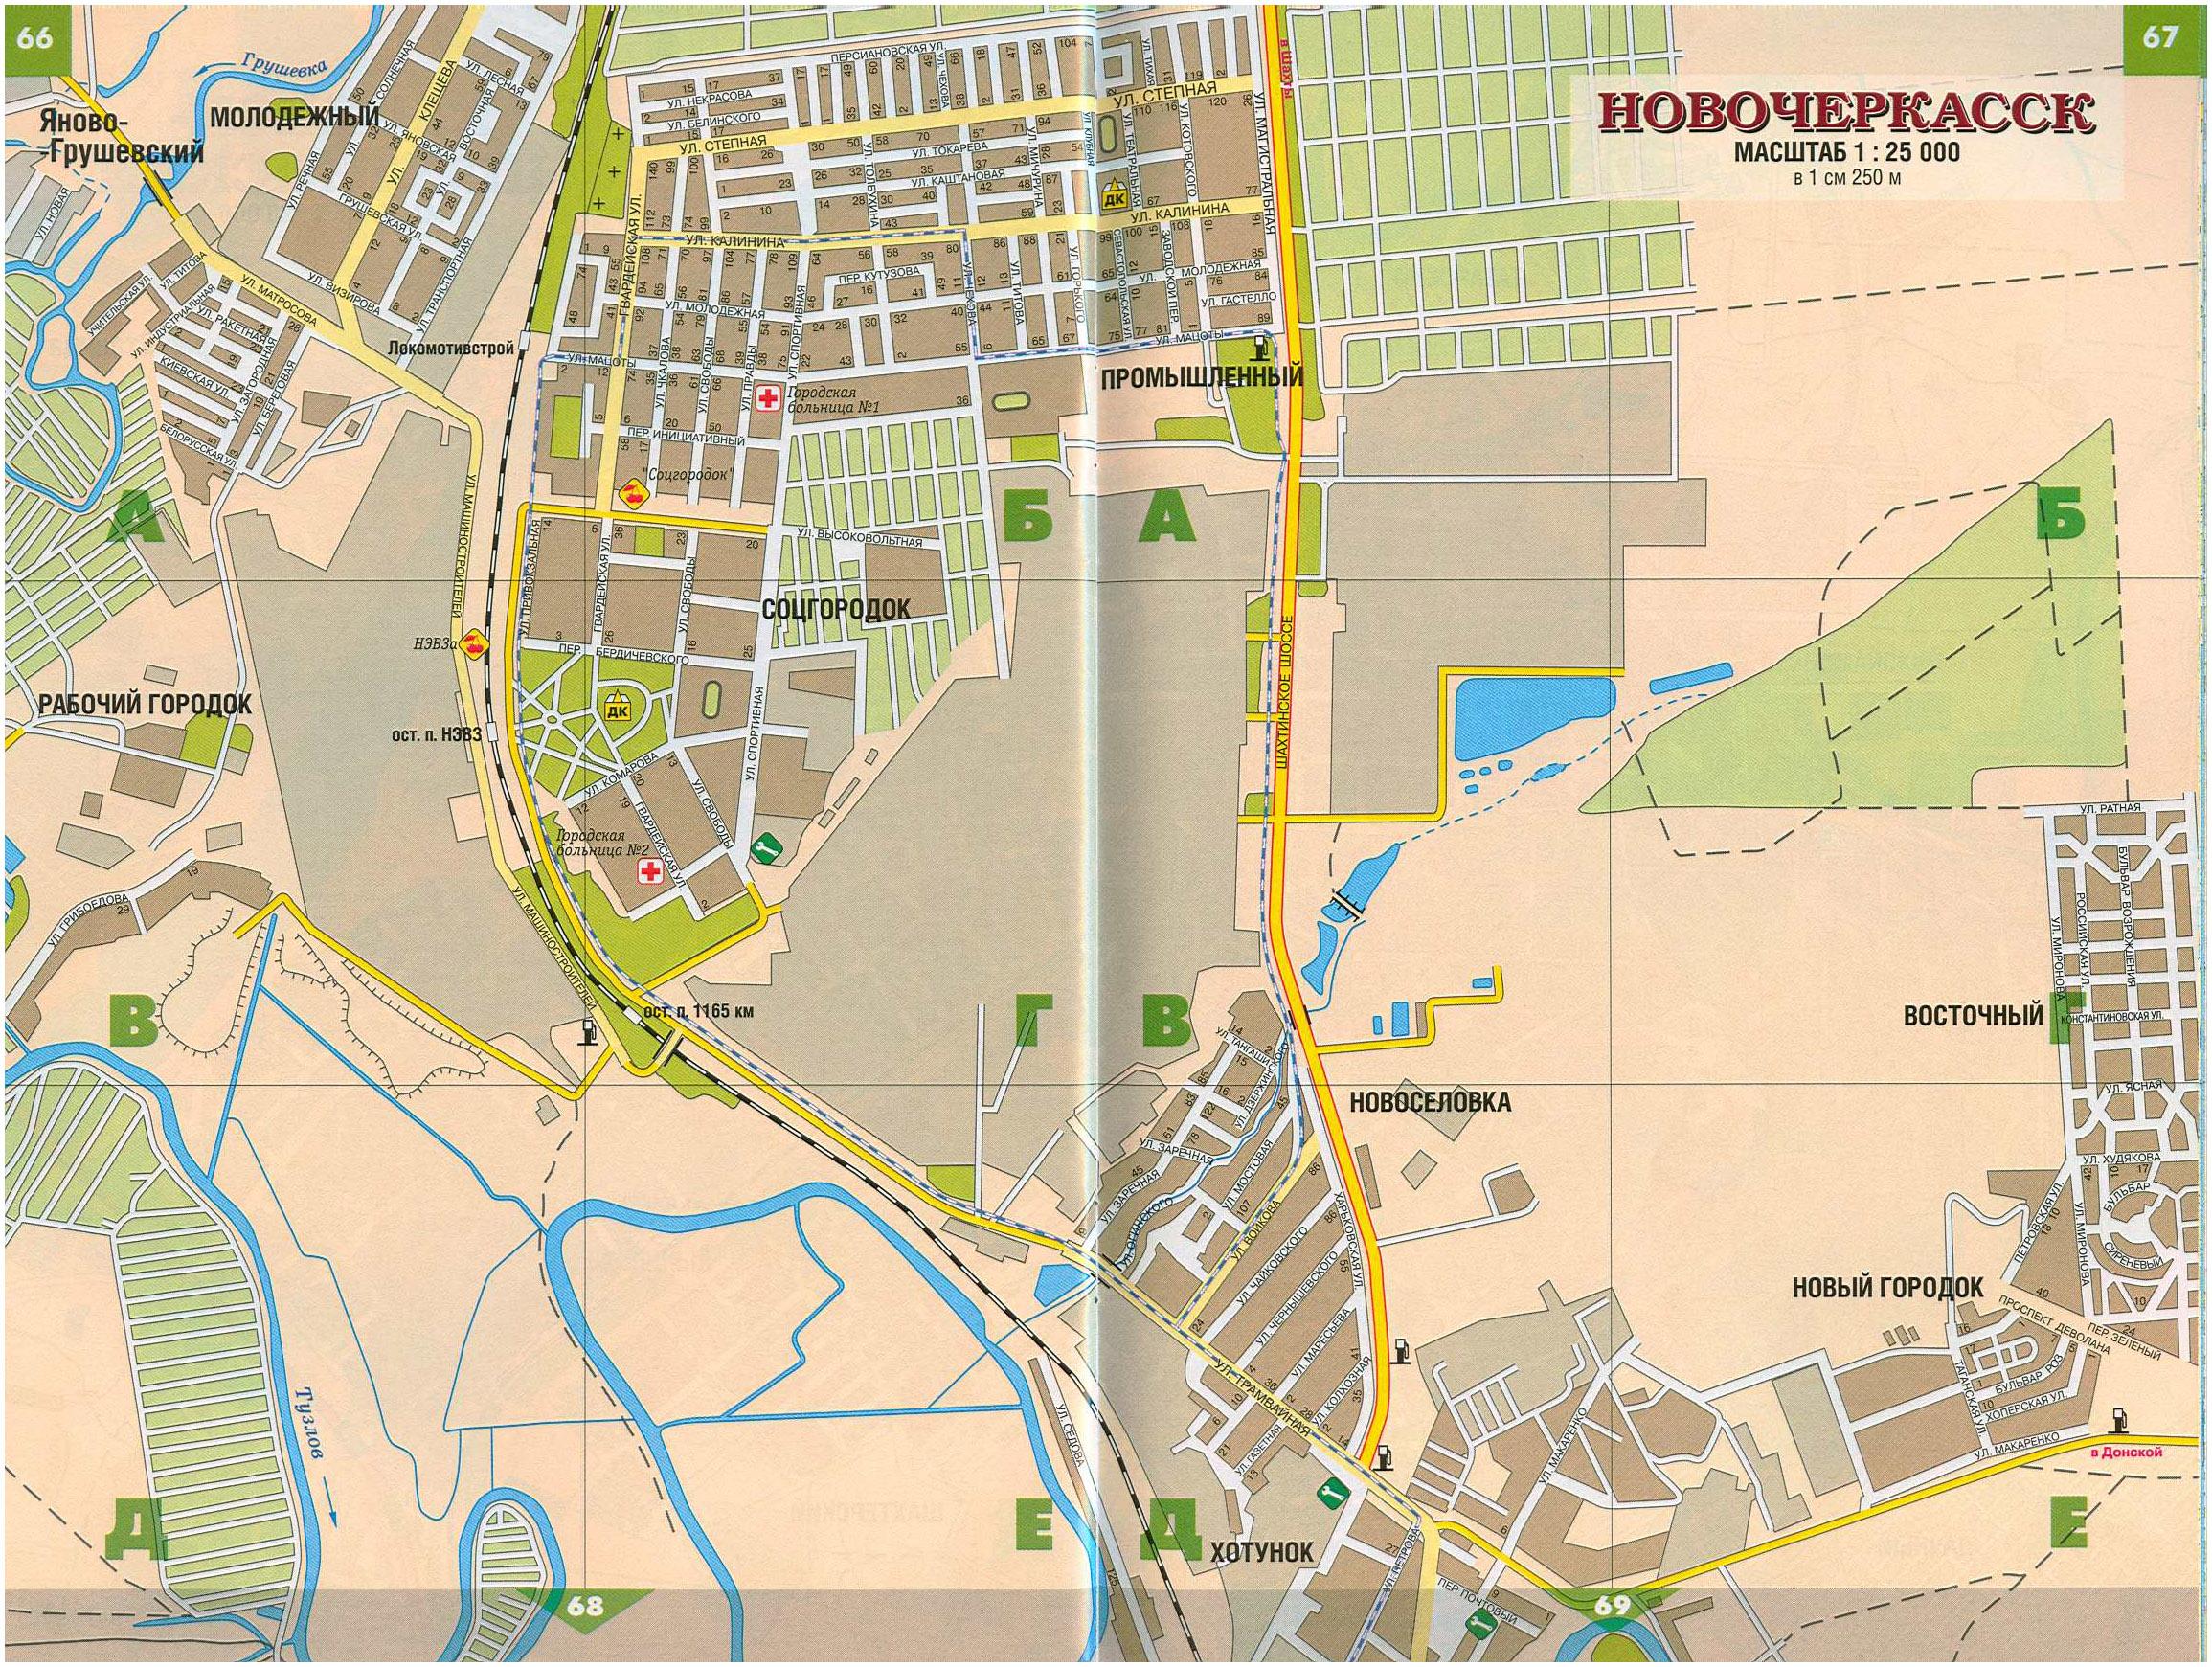 Подробная карта улиц г. Новочеркасск Ростовская область.  Скачать бесплатно.